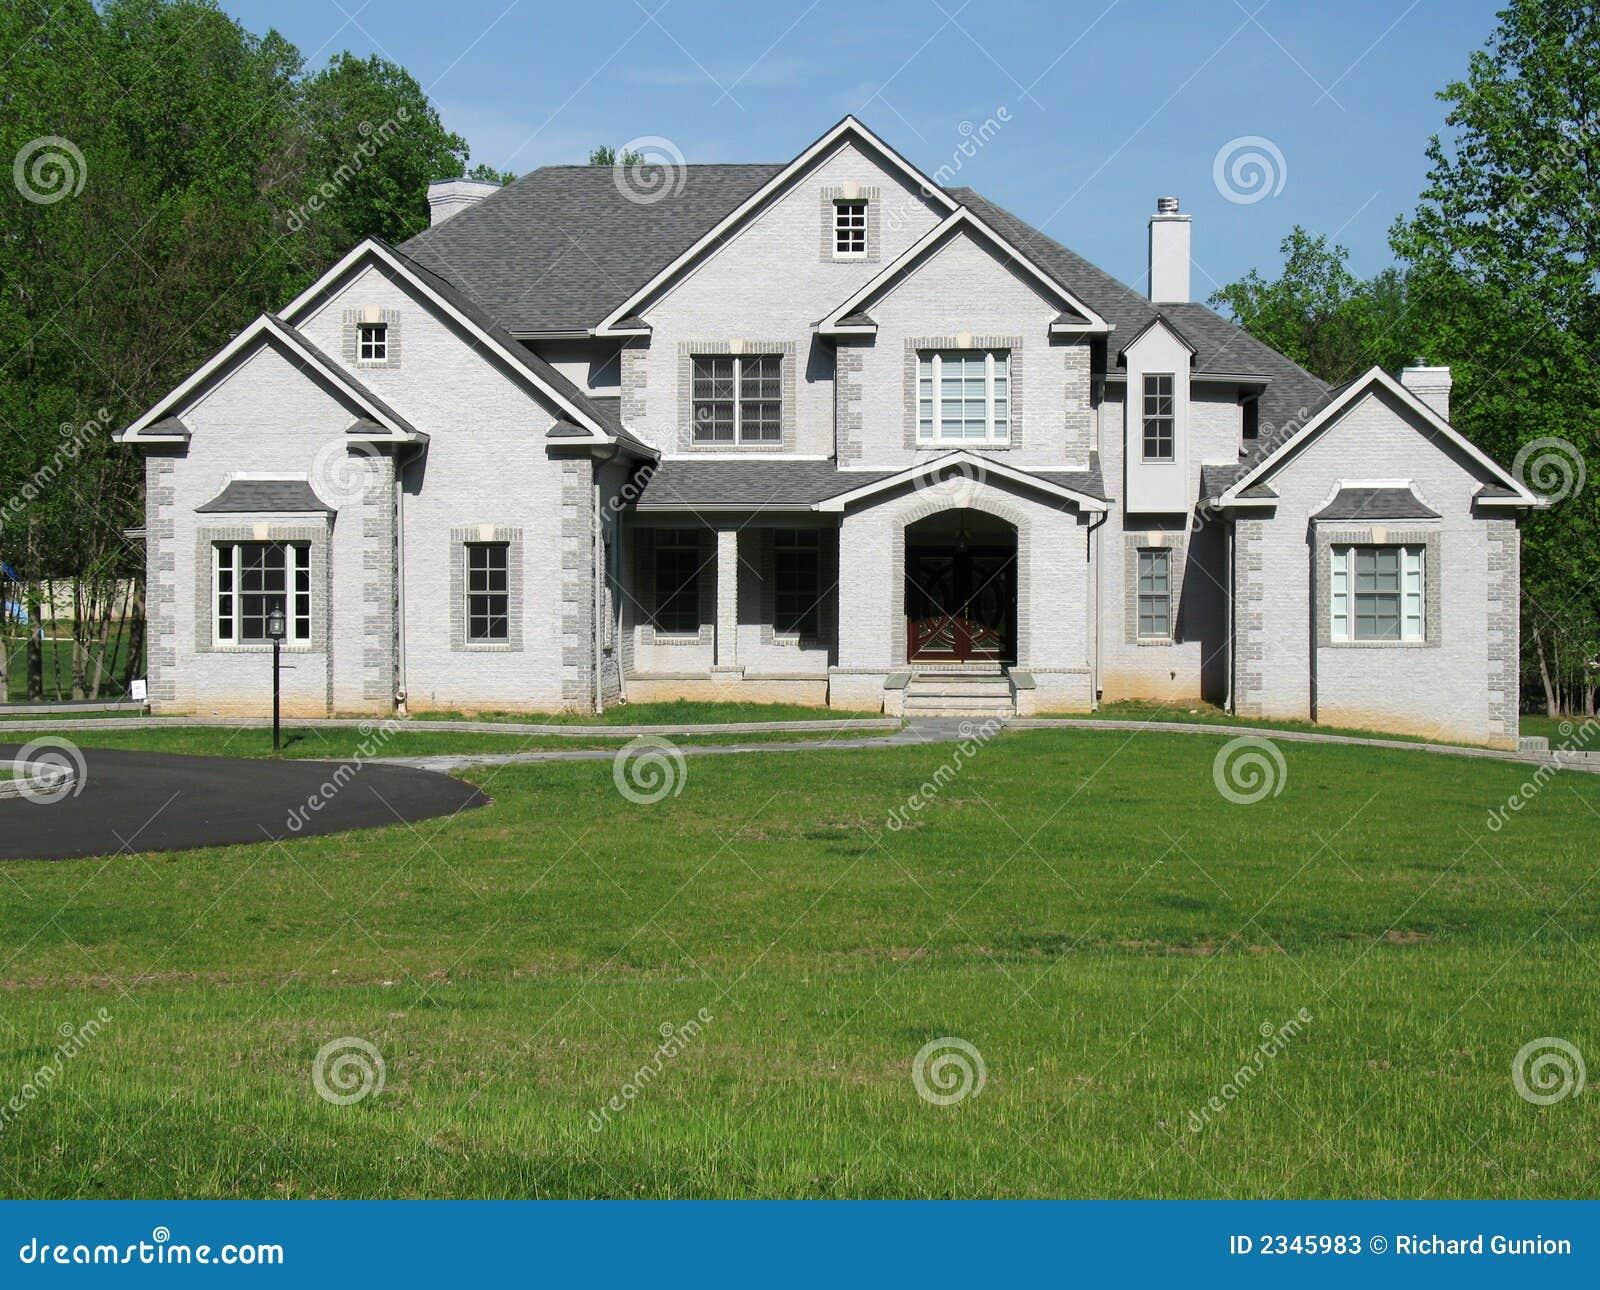 Suburban Seats 9 >> Suburban Mansion stock image. Image of mansion, estate - 2345983